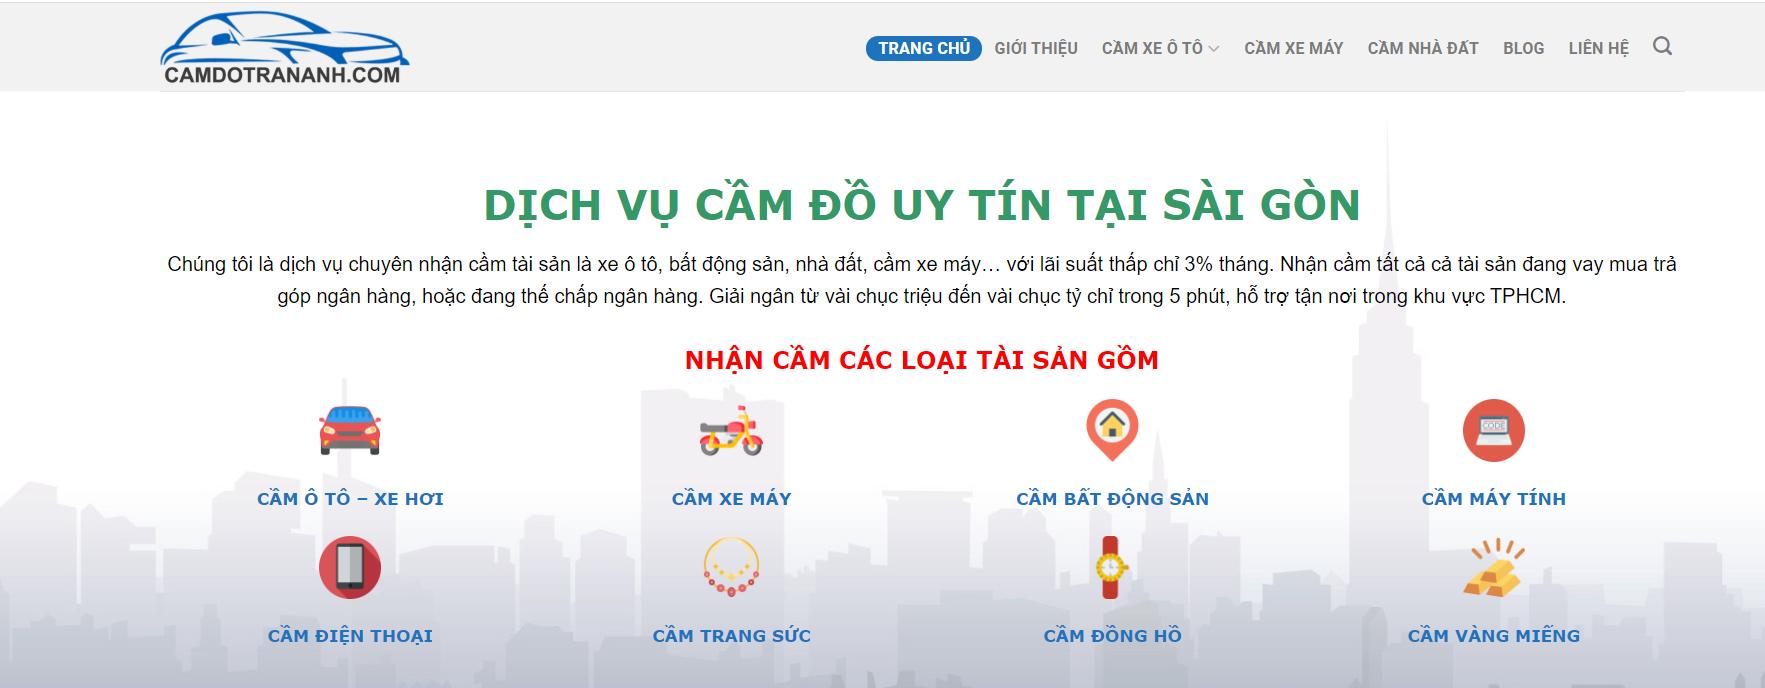 Trần Anh Hà Nội